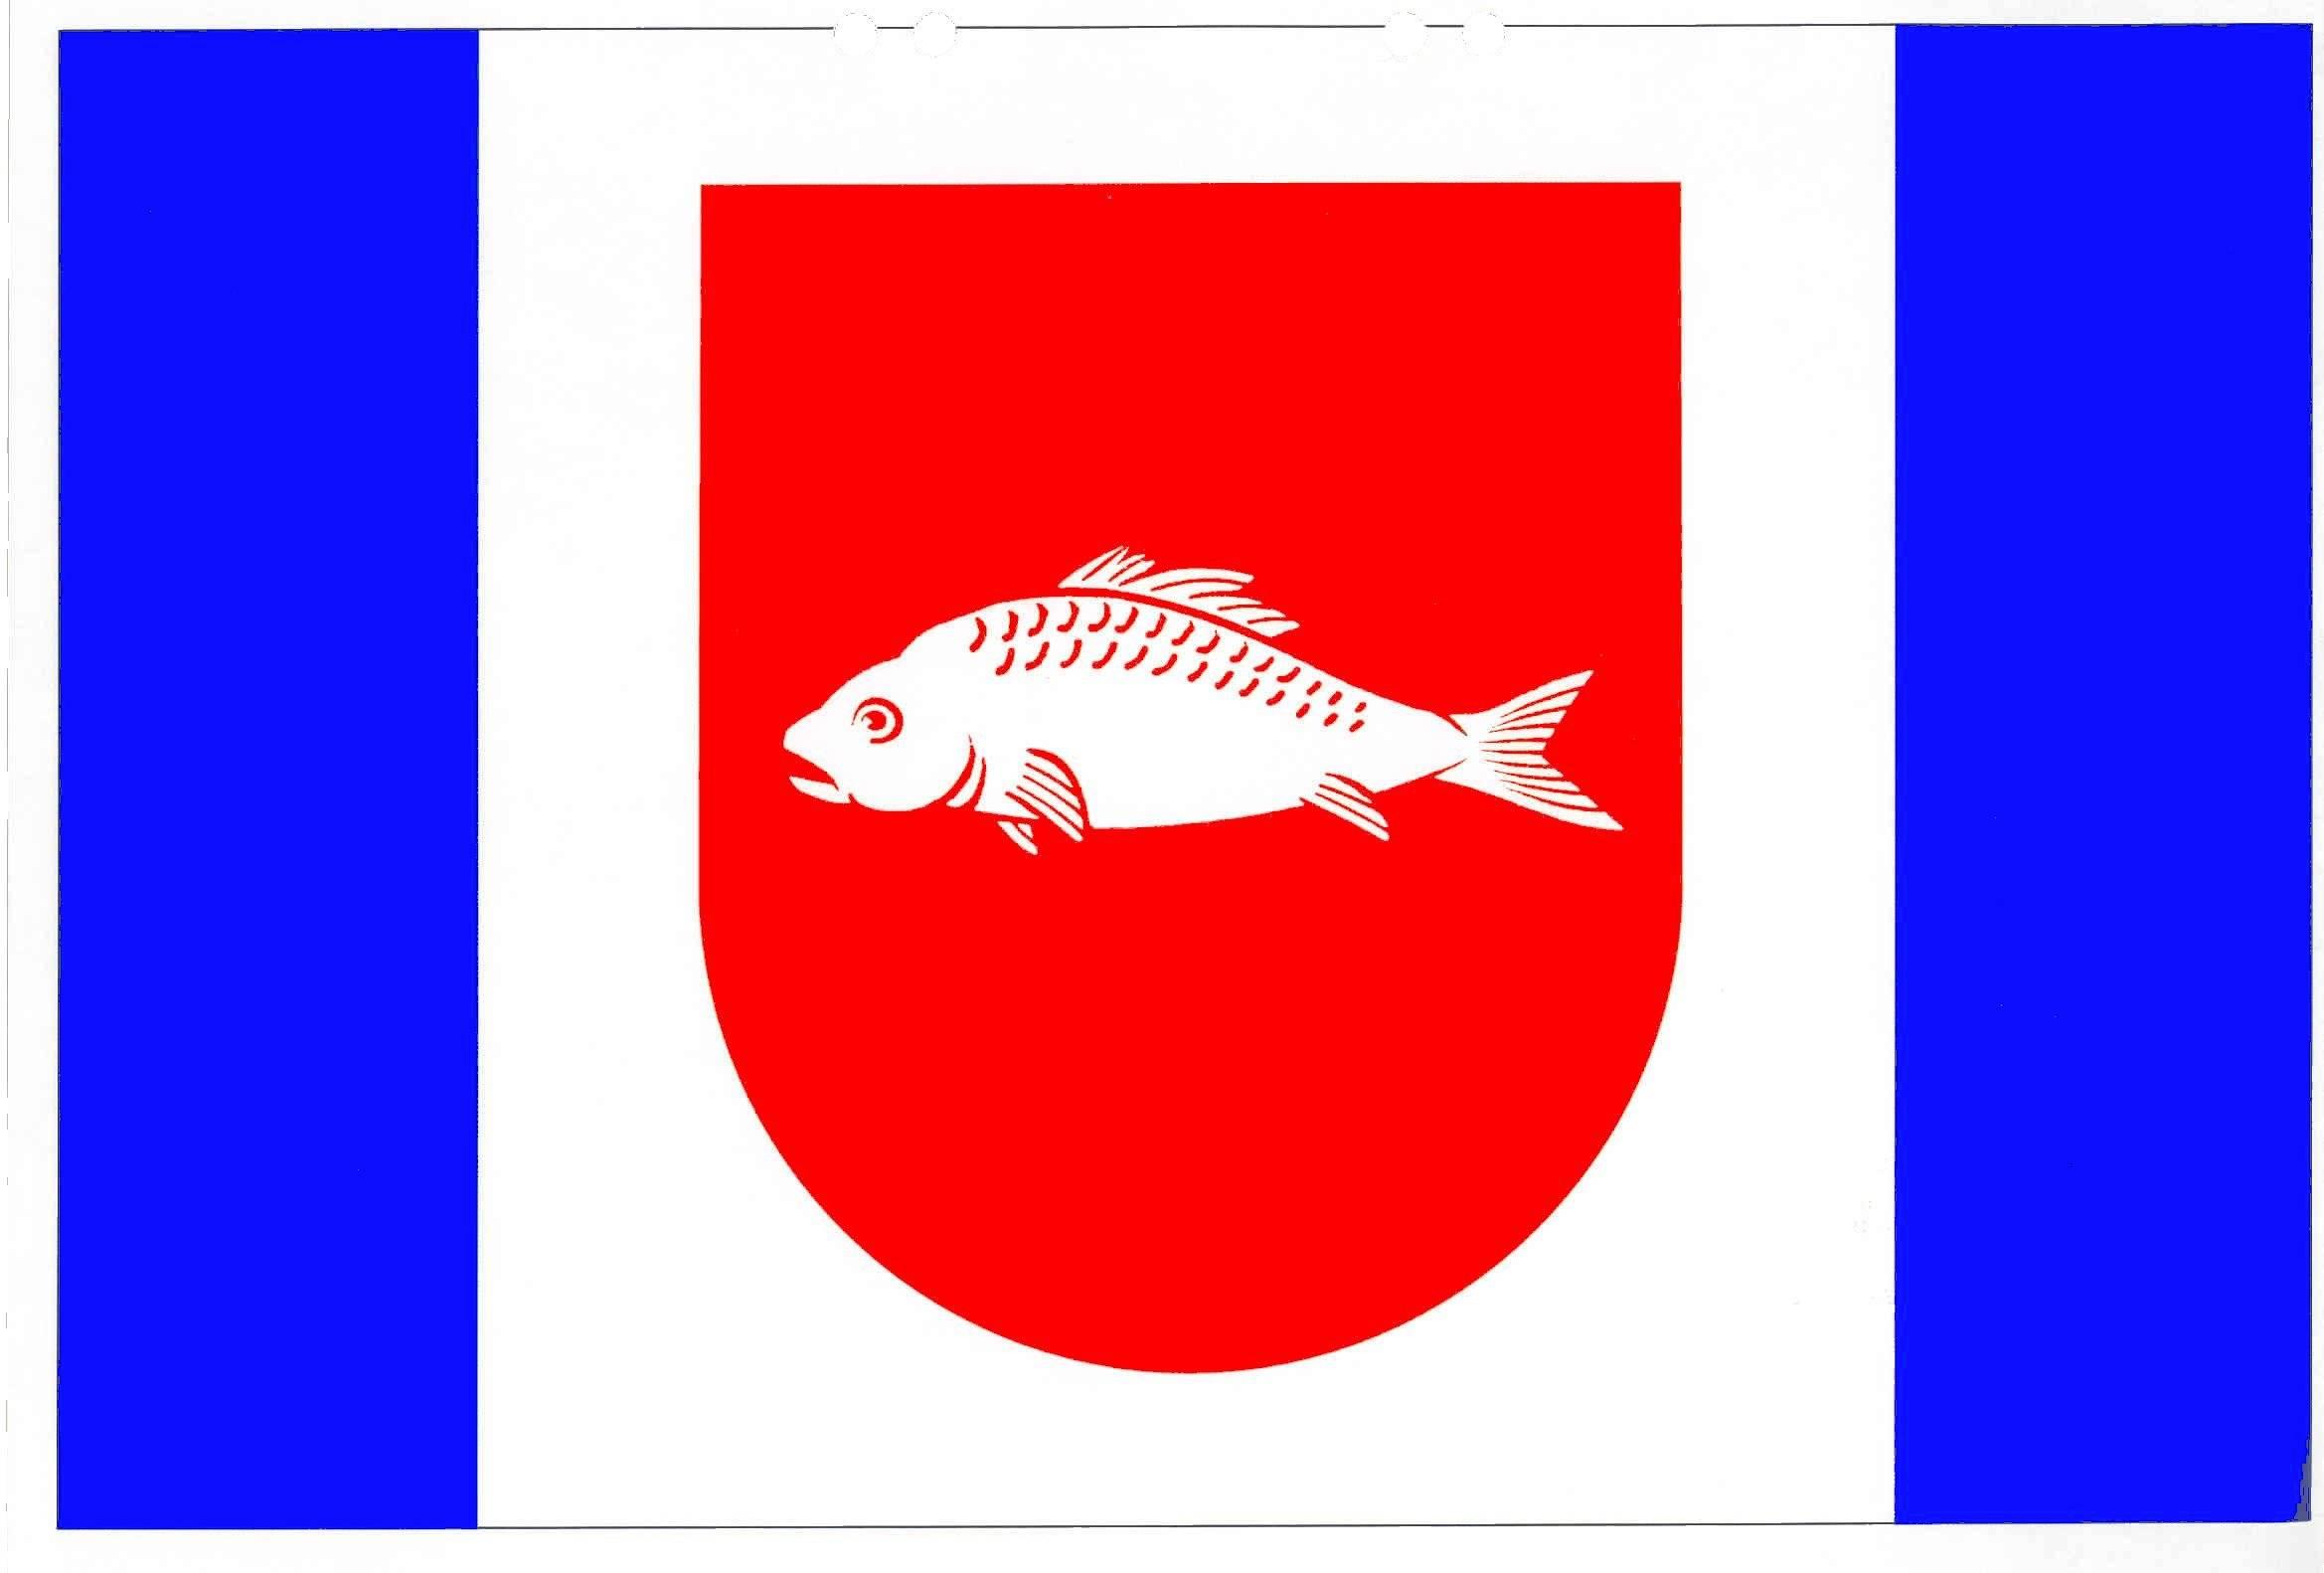 Flagge GemeindeBarsbek, Kreis Plön